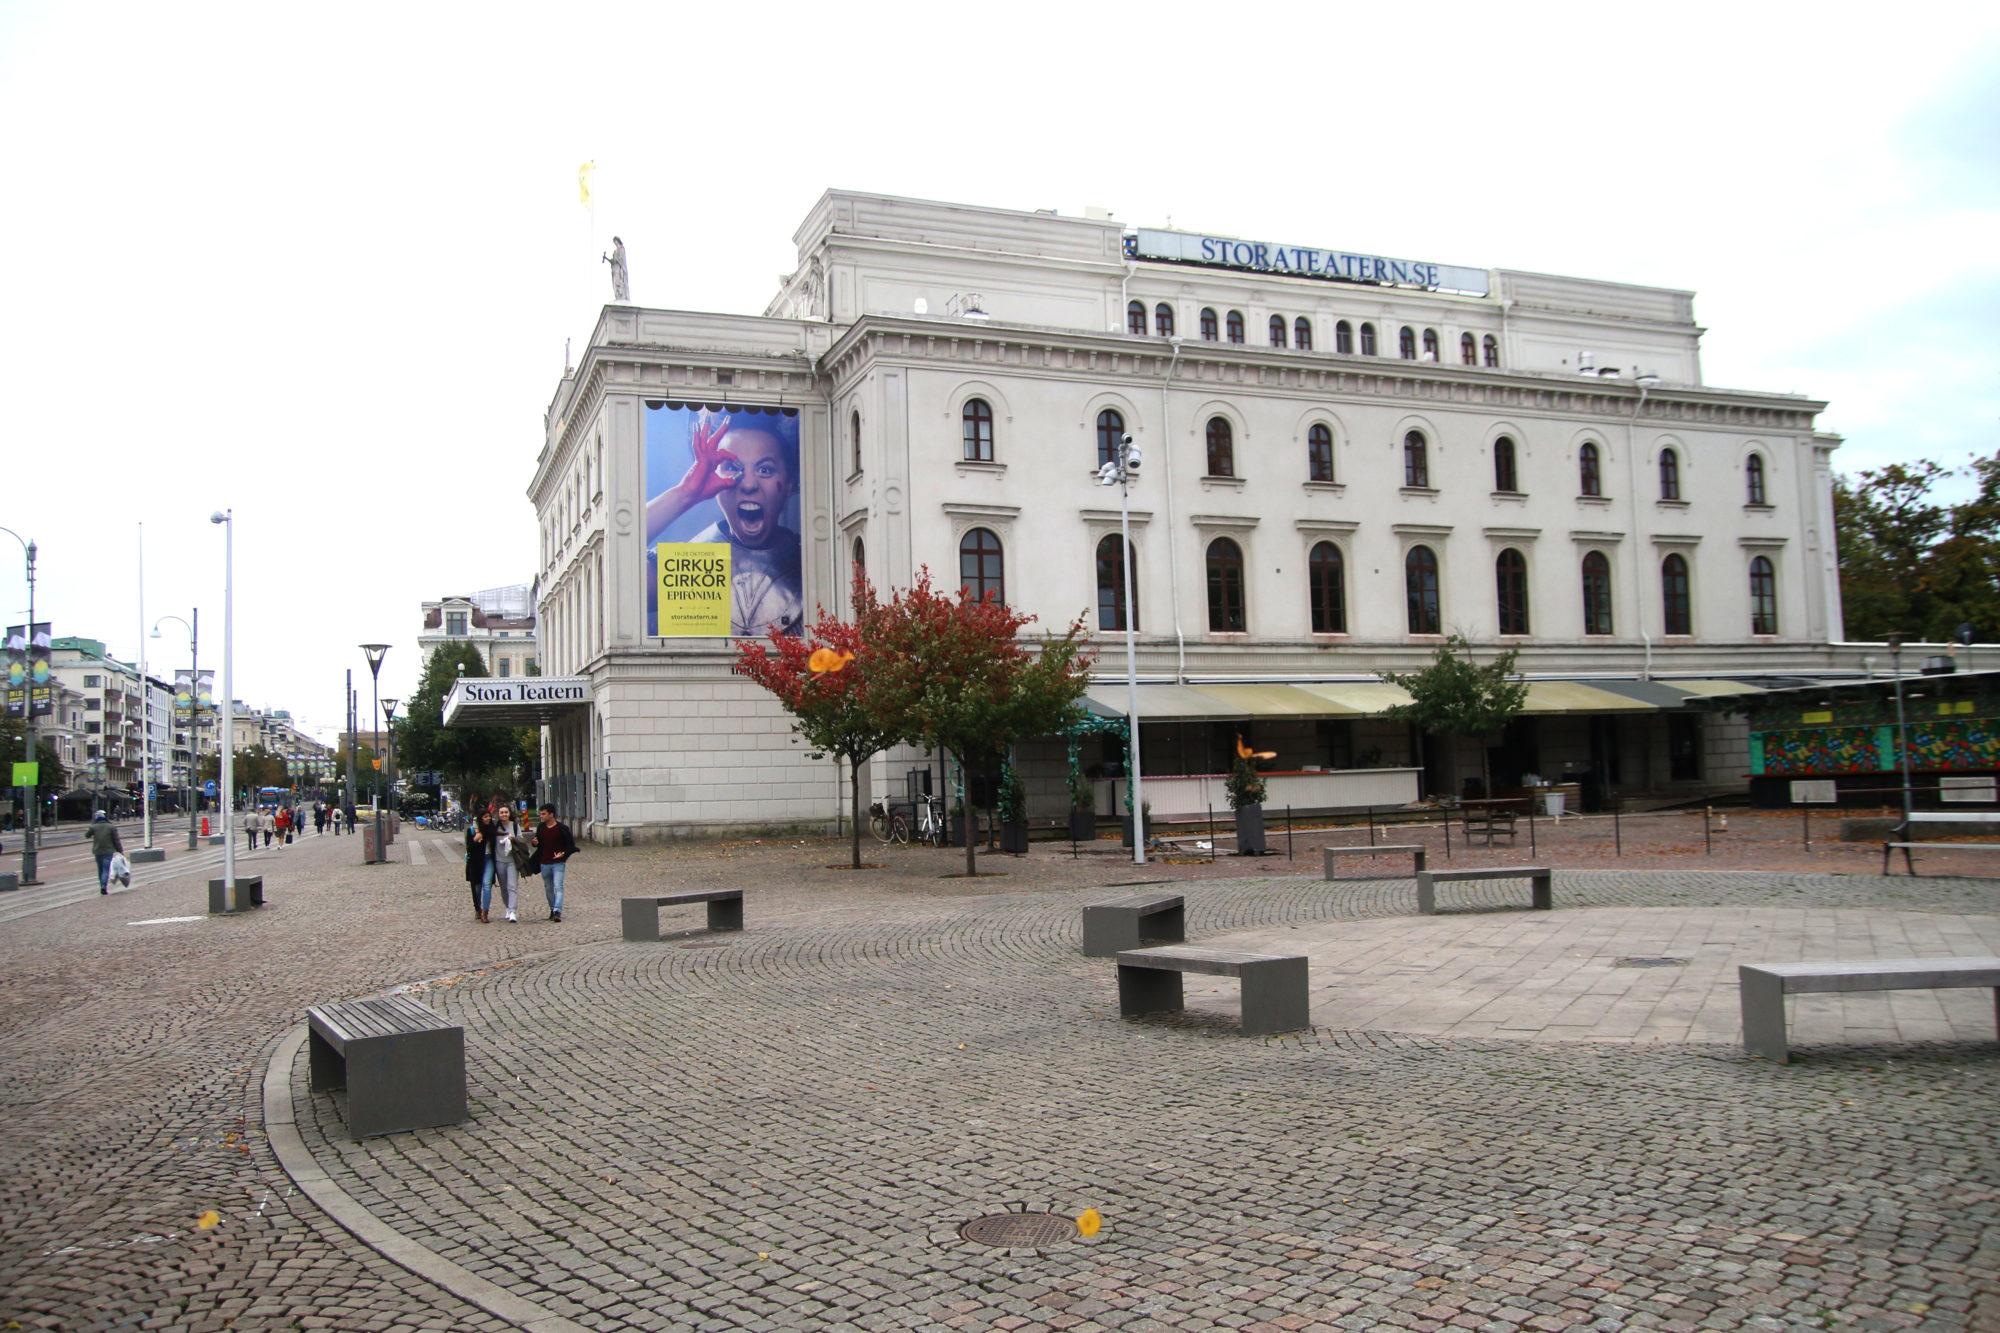 Flust med kulturtilbud. Stora Teatern på den kjente Kungsportavenyen, er bare ett av mange imponerende kulturinstitusjoner i Gøteborg. Foto: Fjord Line